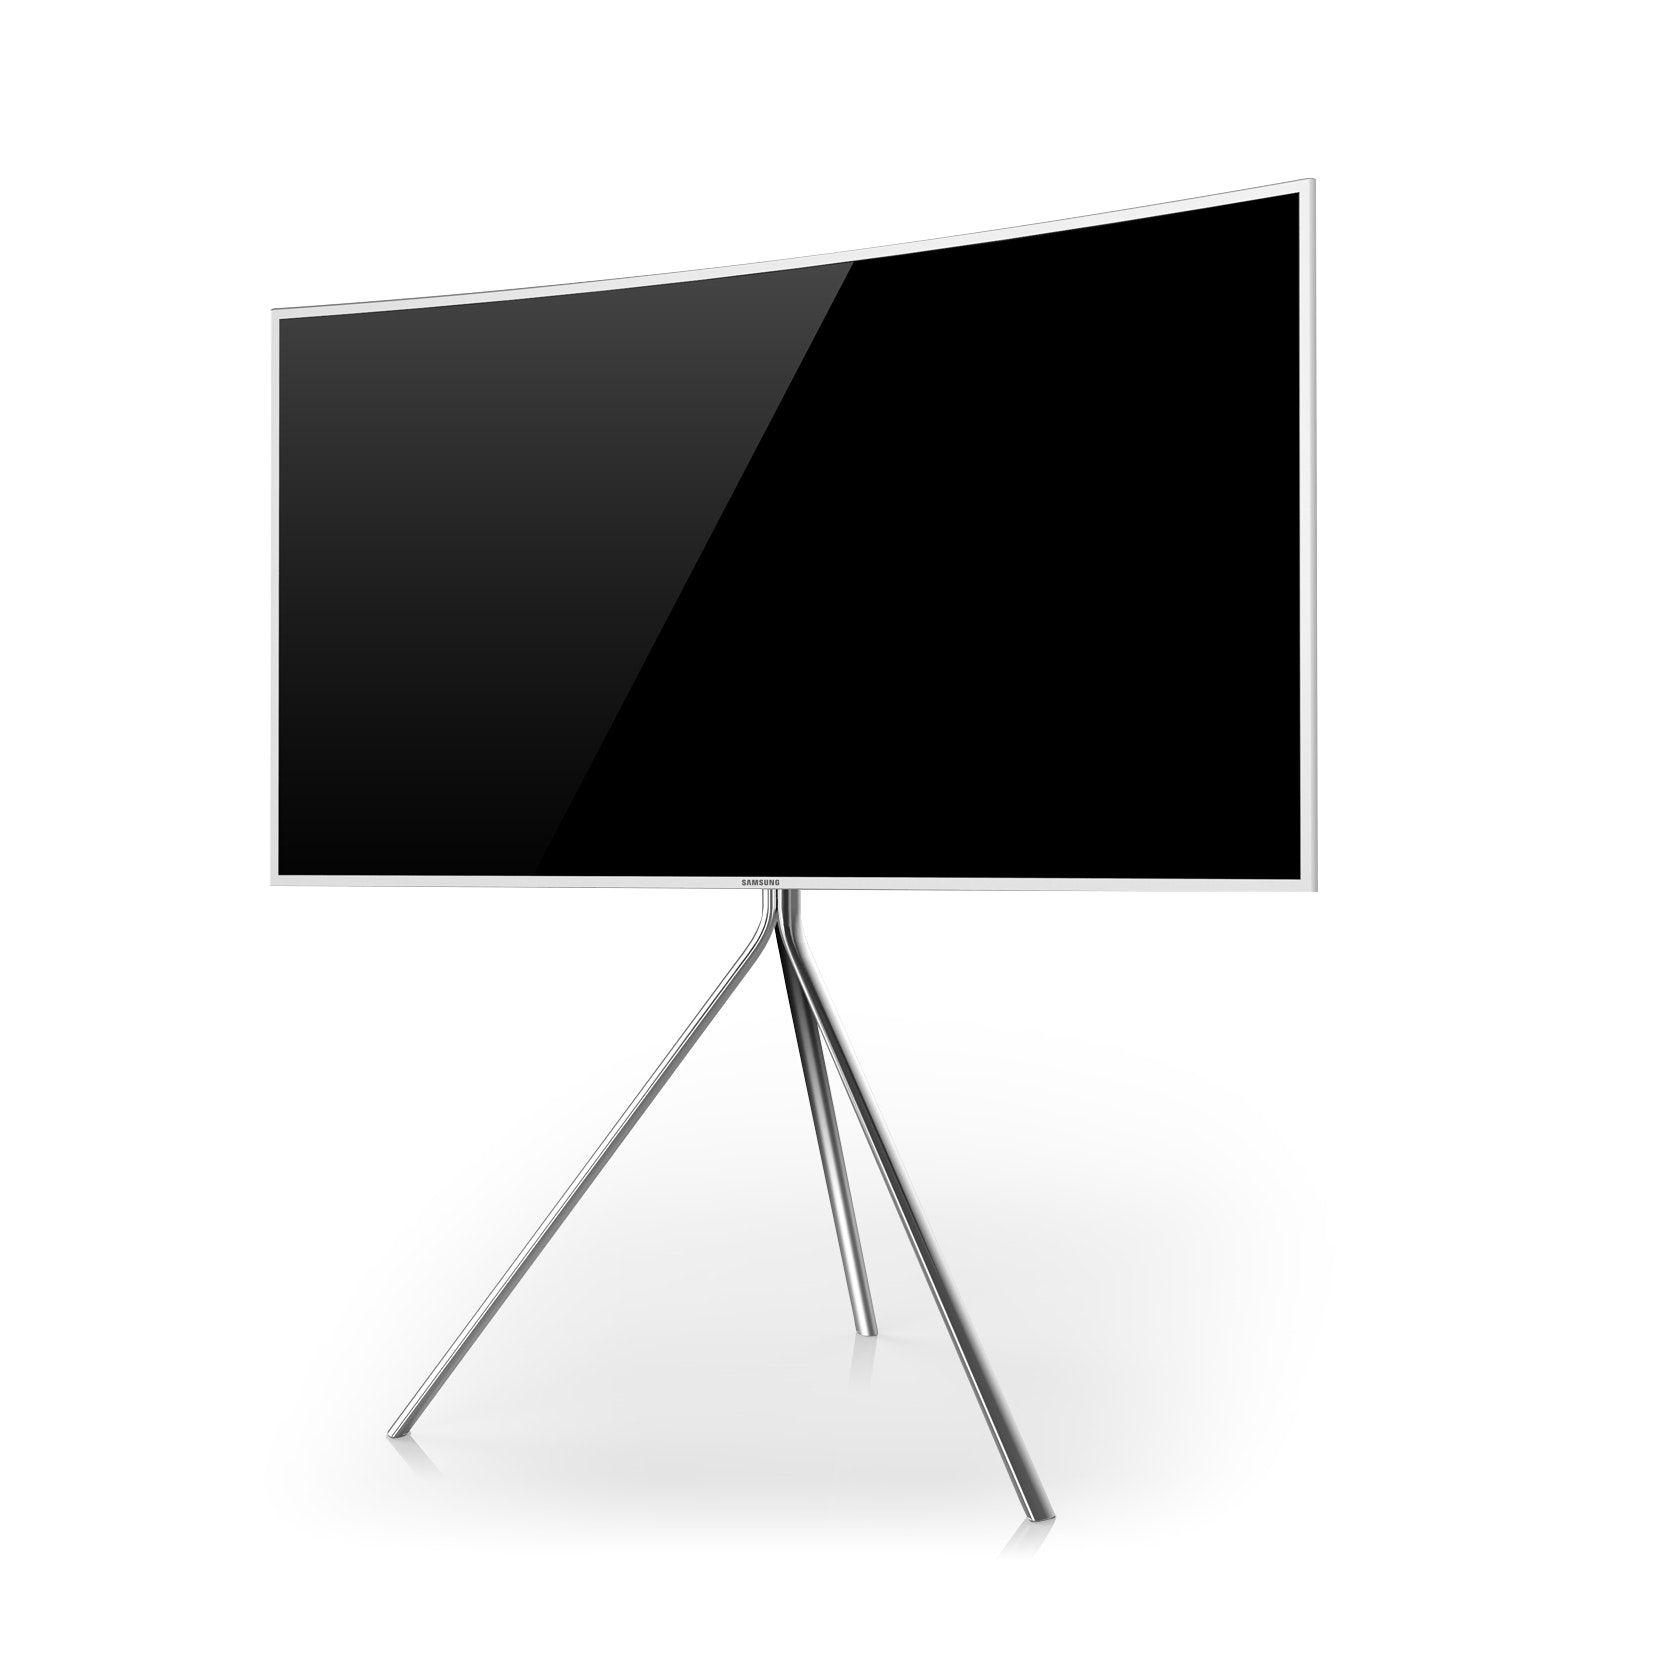 Enorm Pin av Casandra Sveum på TV Stands & Media Units | Pinterest DU-24